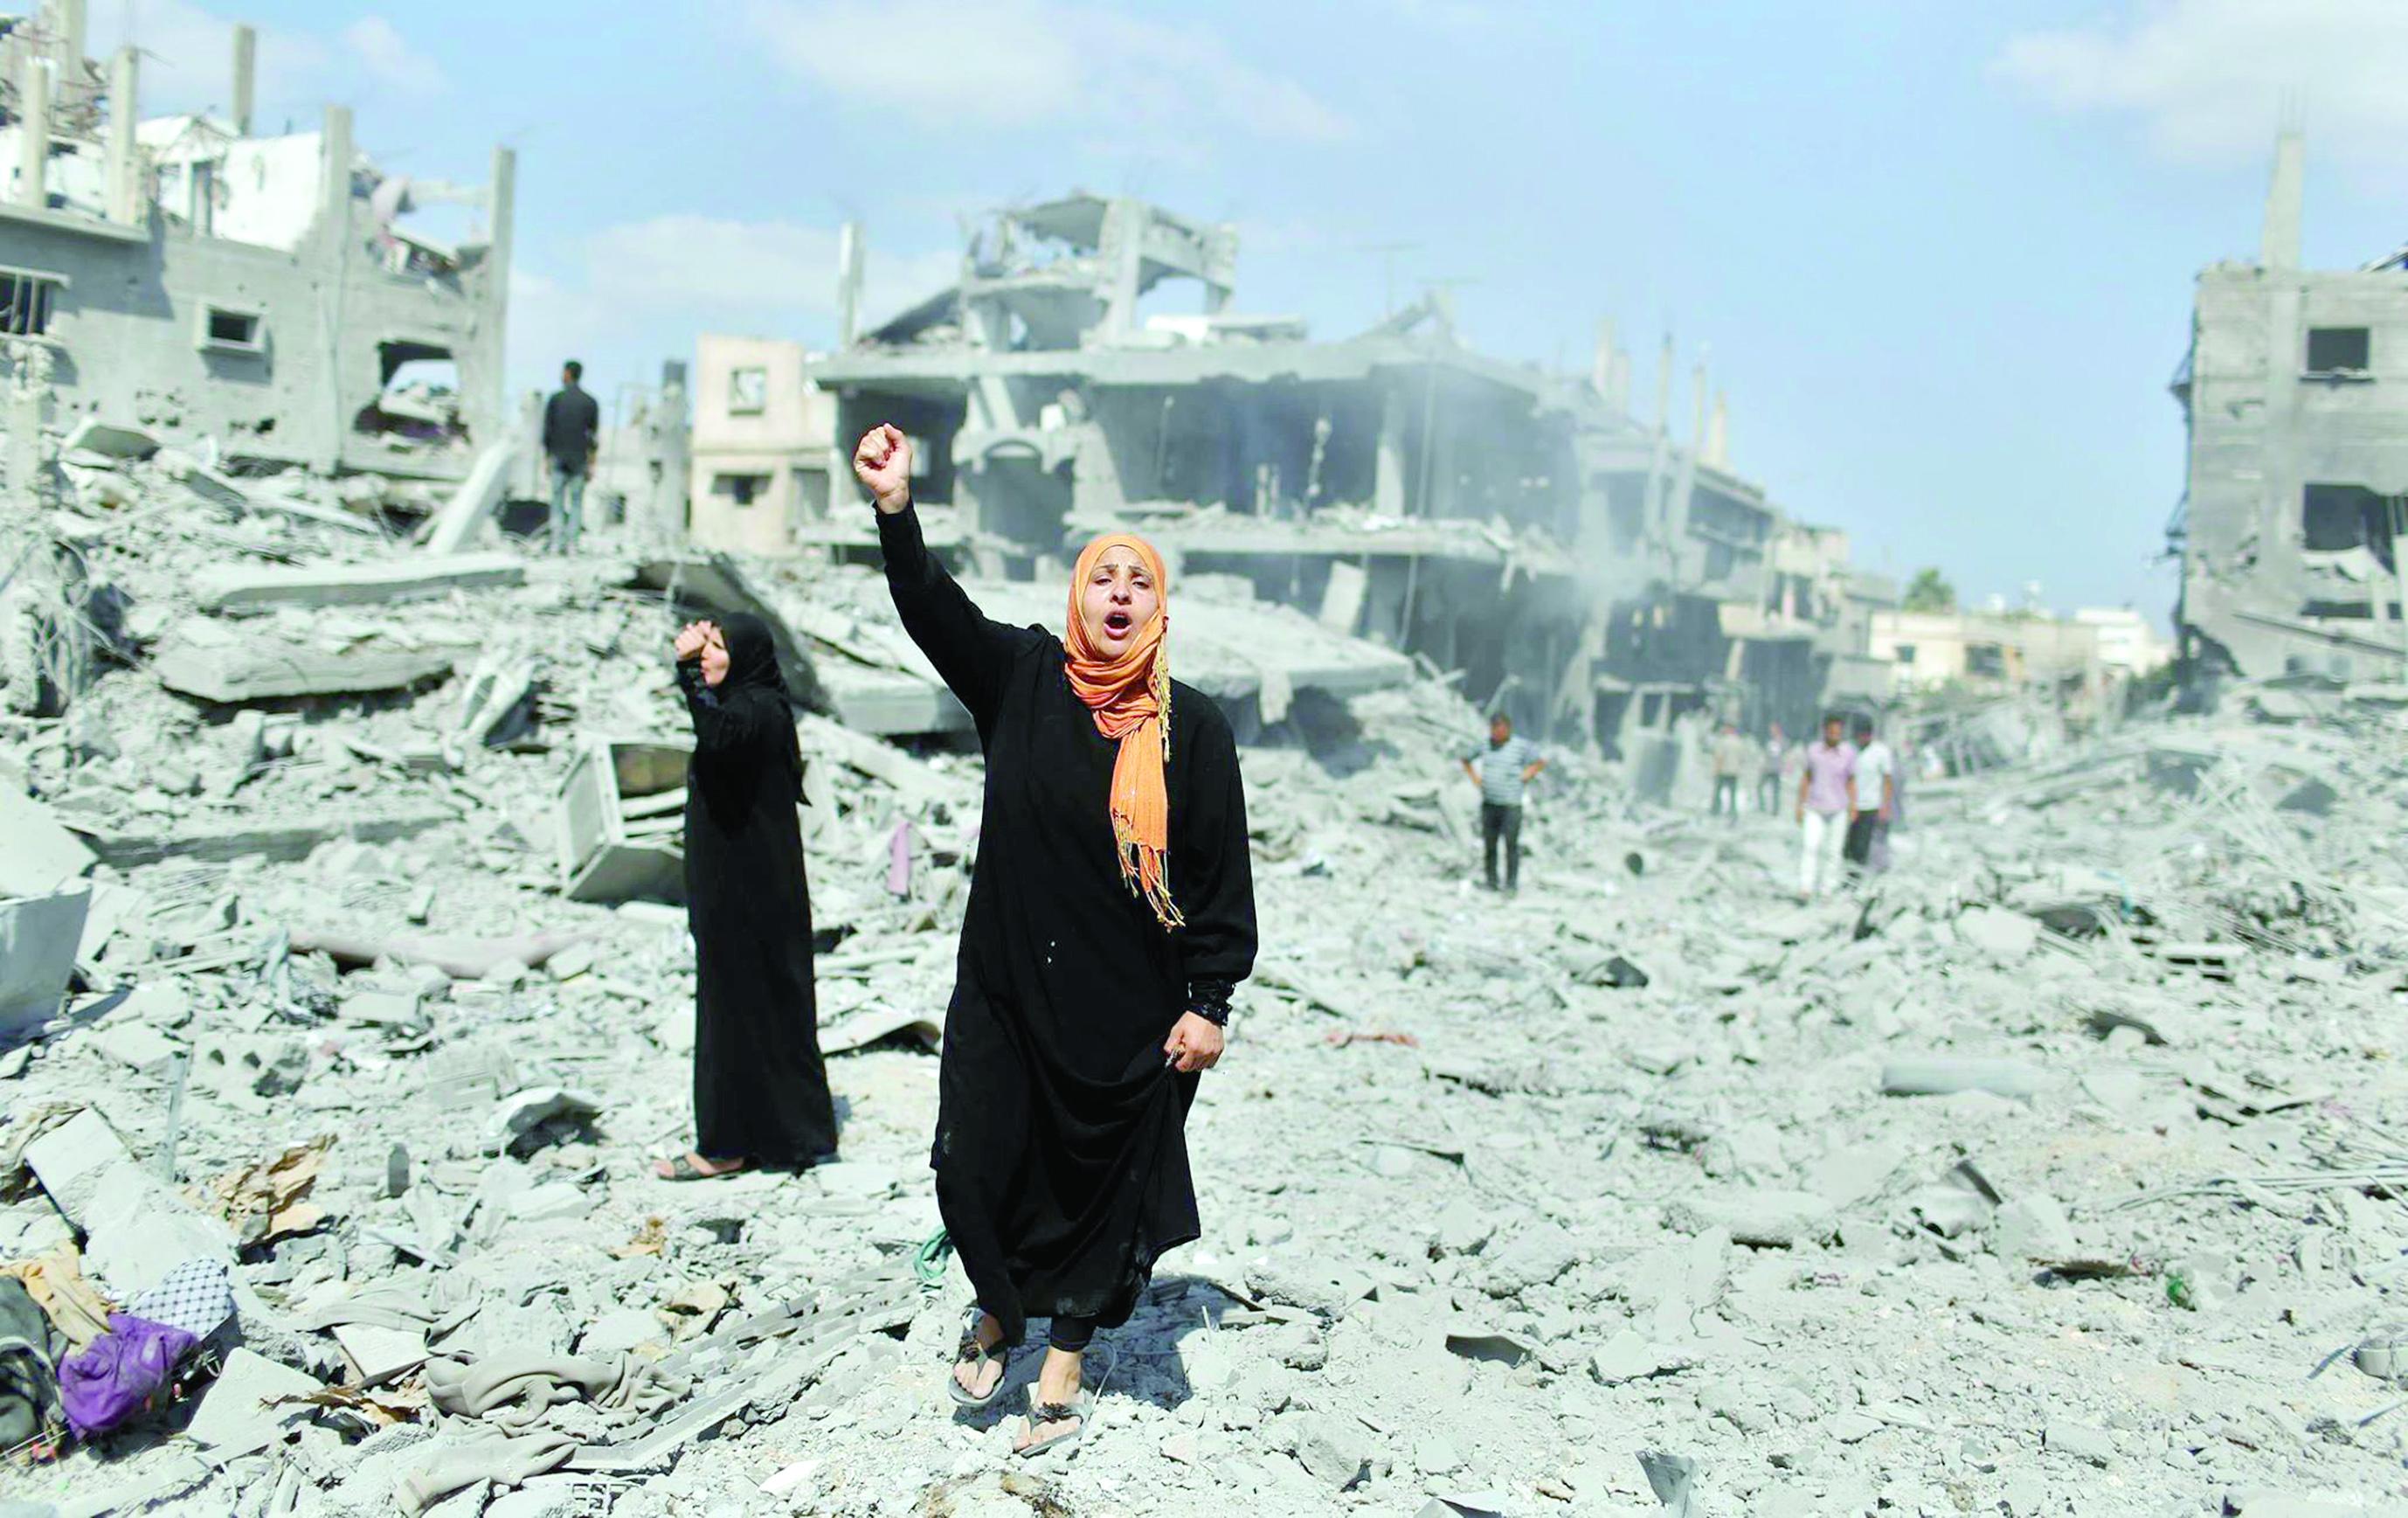 اسرائيل : الحرب القادمة على غزة ستكون أكثر شراسة